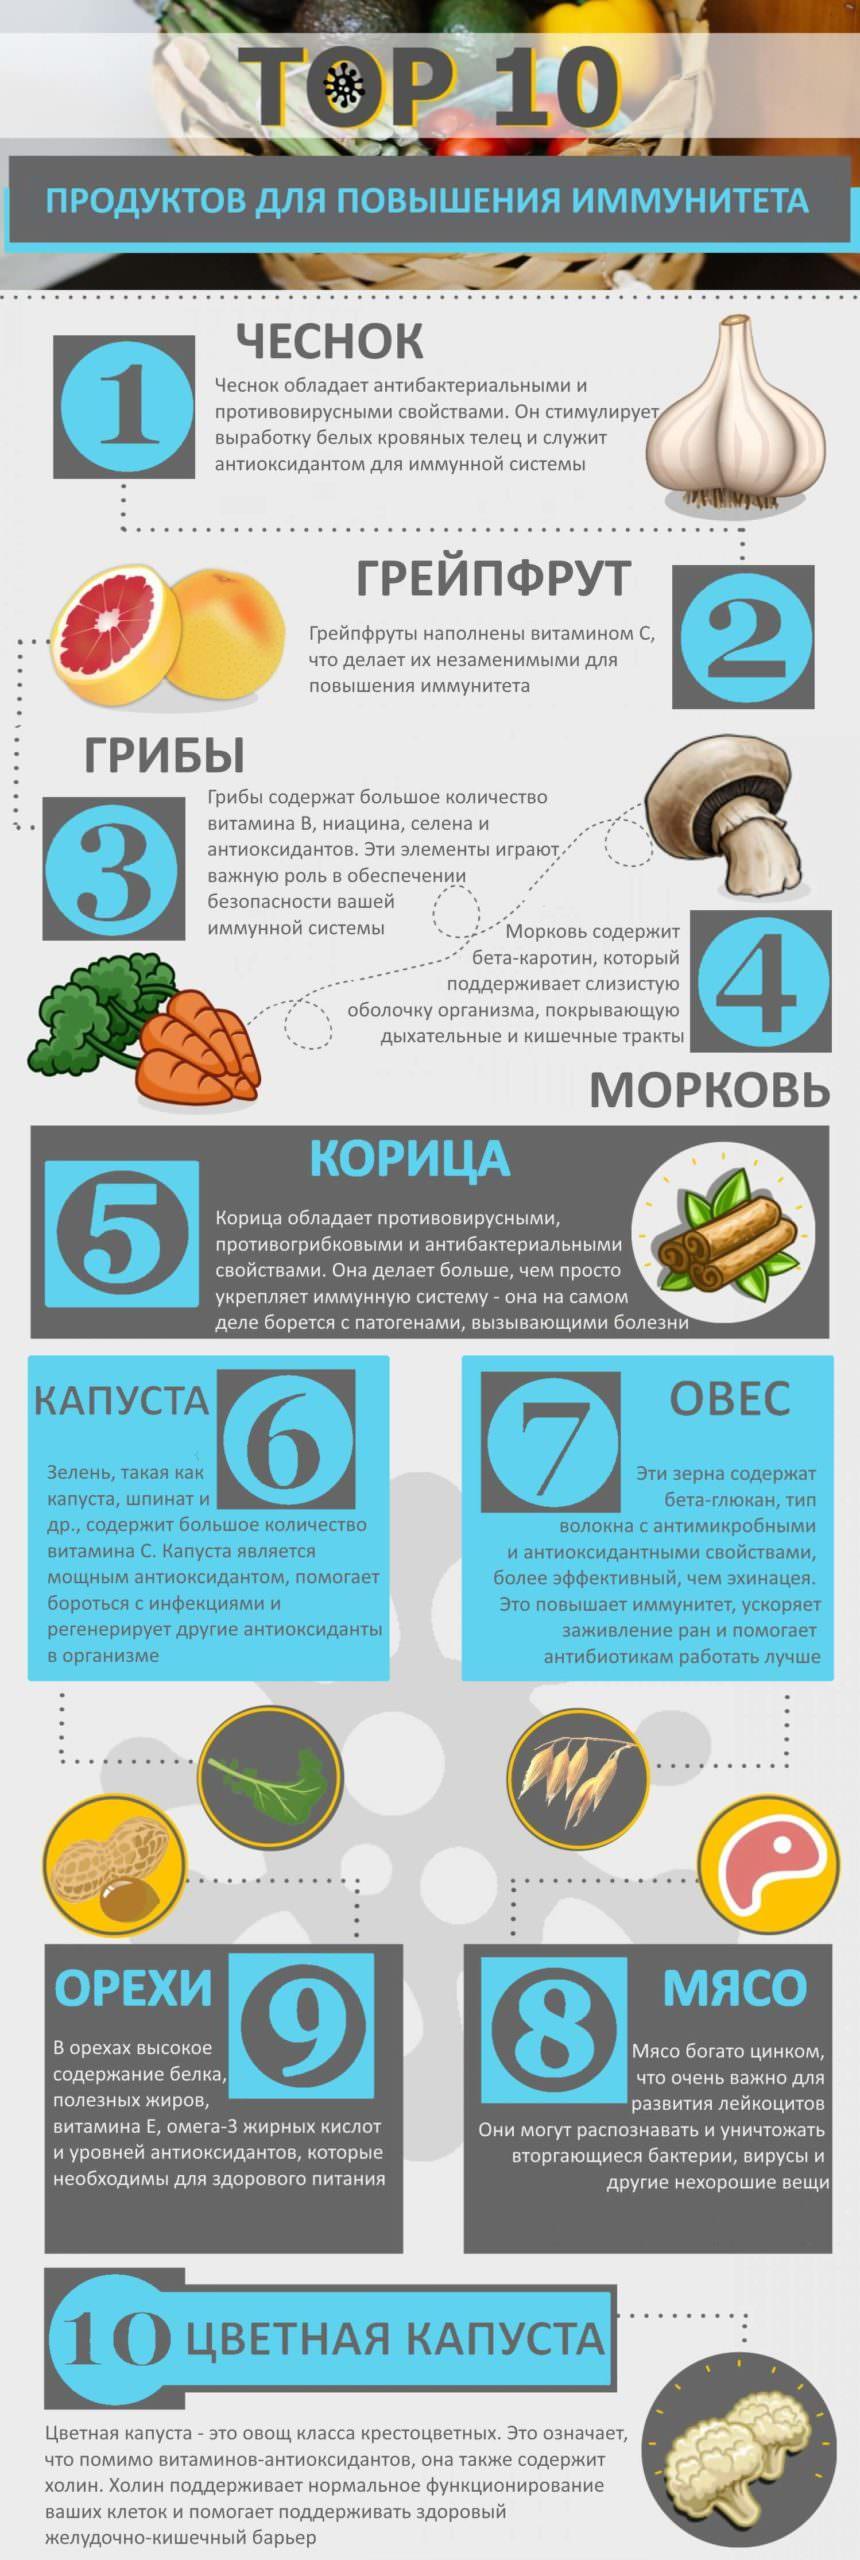 Топ 10 продуктов для повышения иммунитета